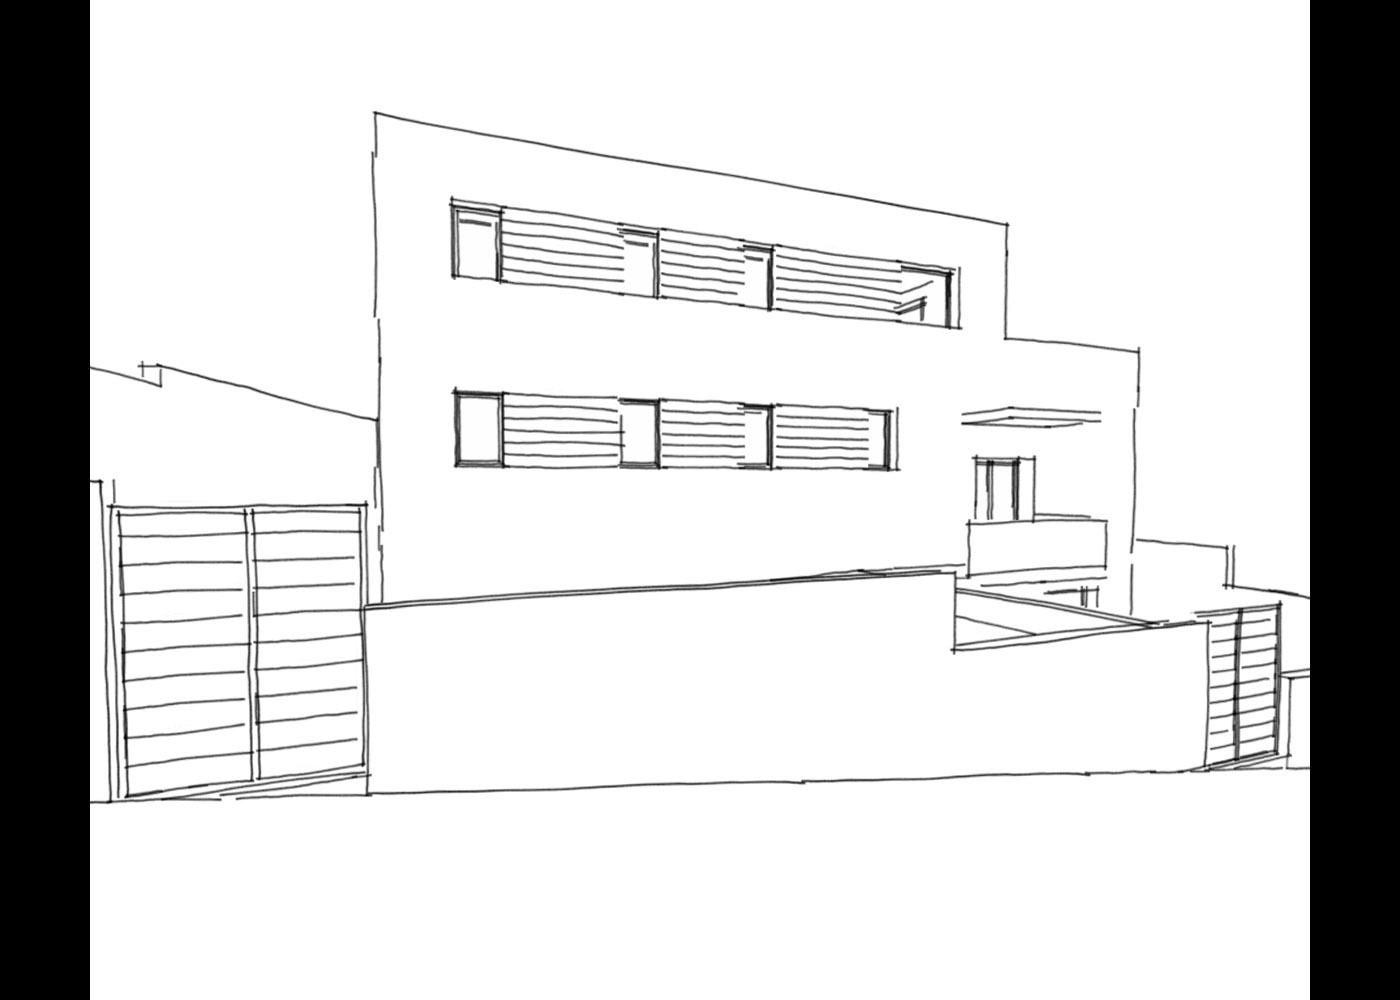 single-family-house-miranda-19-mas-alba-sant-pere-ribes-barcelona-11